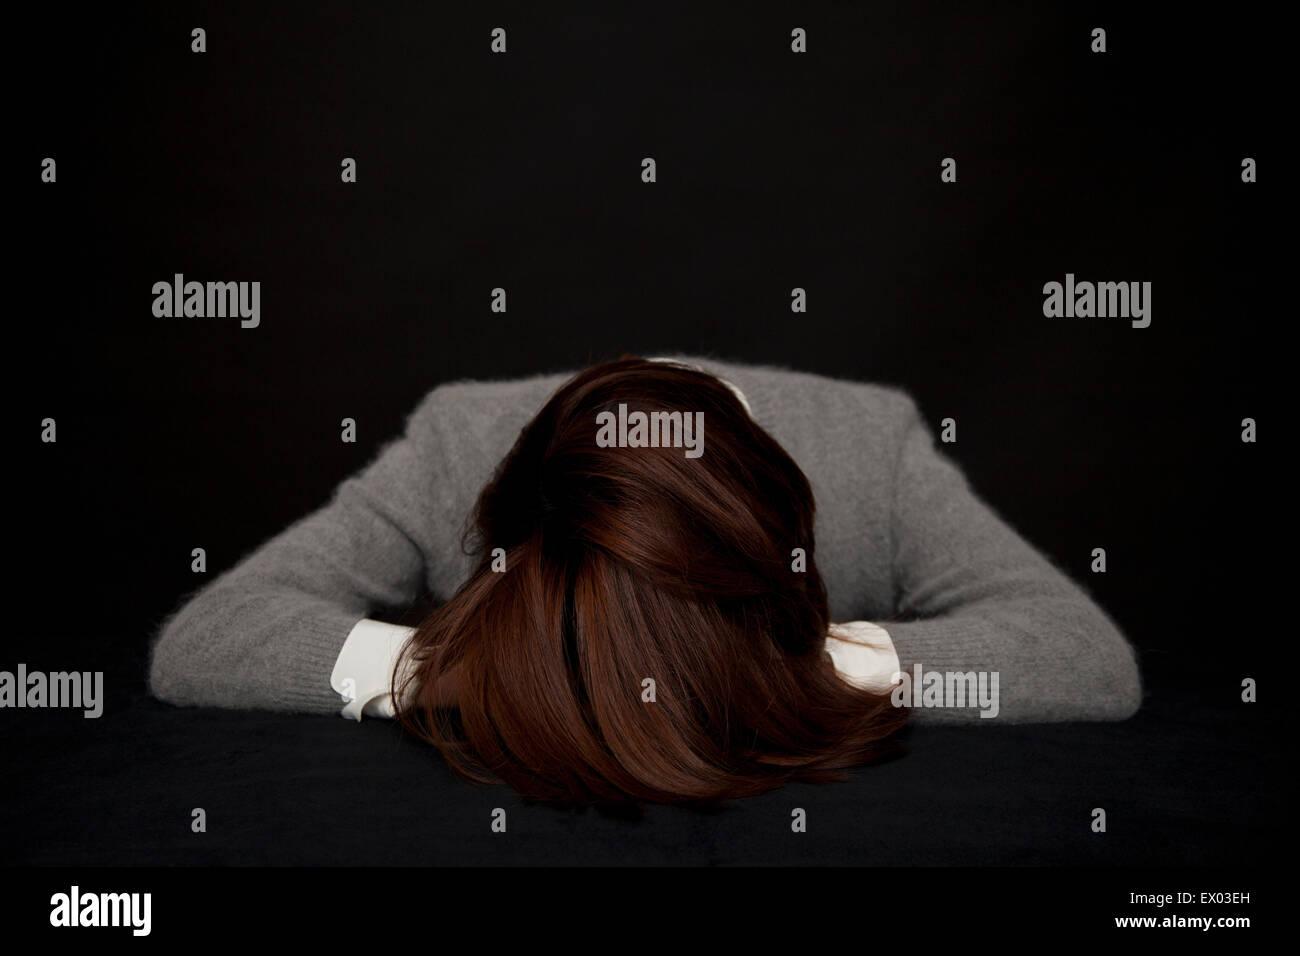 Porträt der Frau ruhen Kopf auf Tisch Stockbild